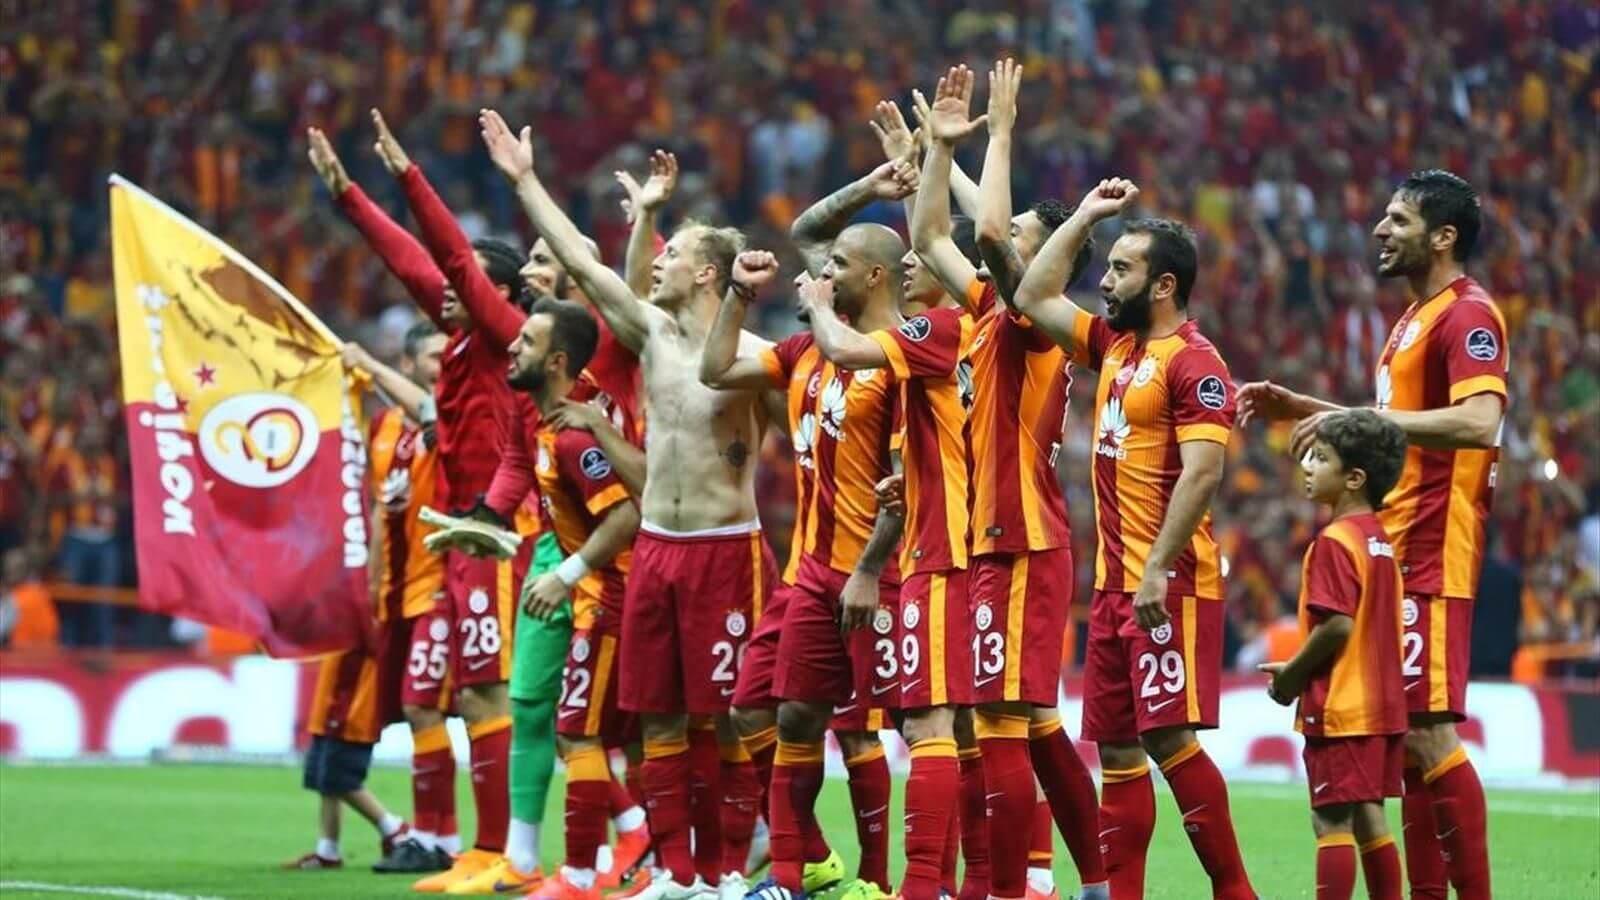 Sarı kırmızı formalı birçok futbolcu taraftara selam veriyor.